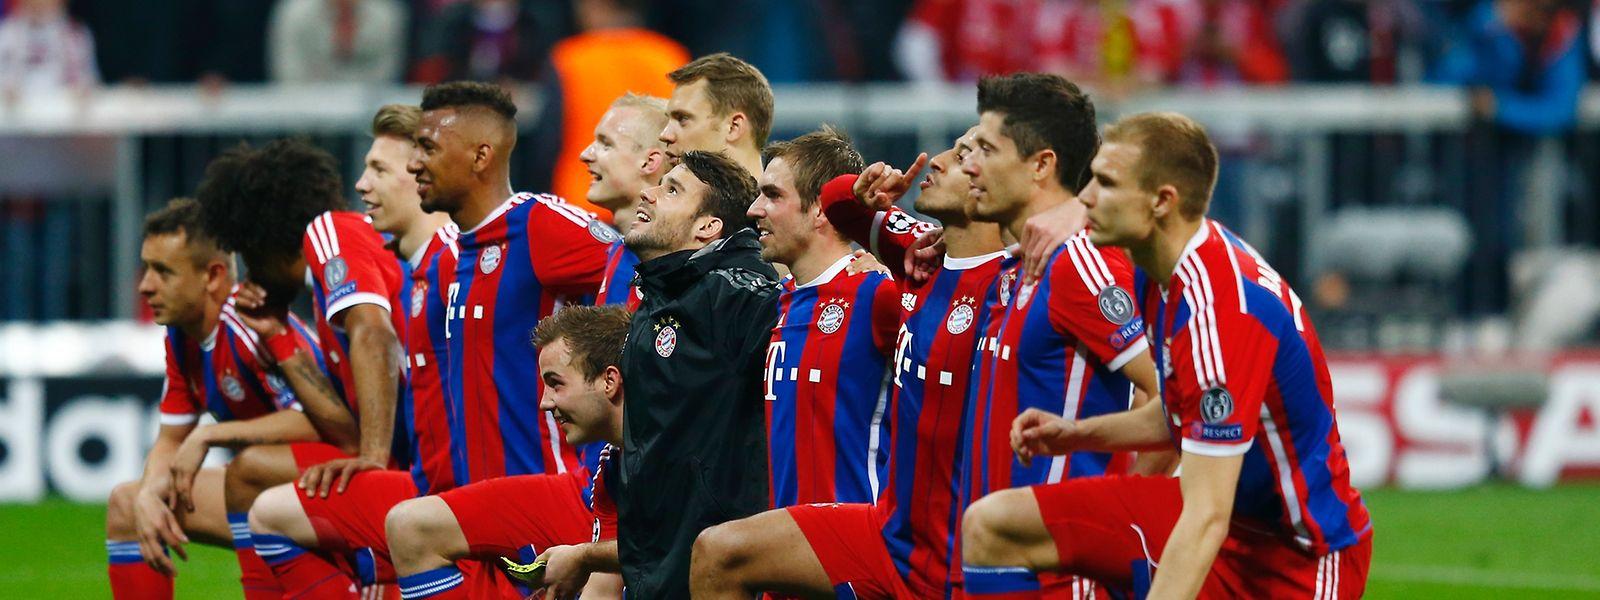 Le Bayern Munich affrontera le FC Barcelone en demi-finale de la Ligue des champions dans un choc de toute beauté